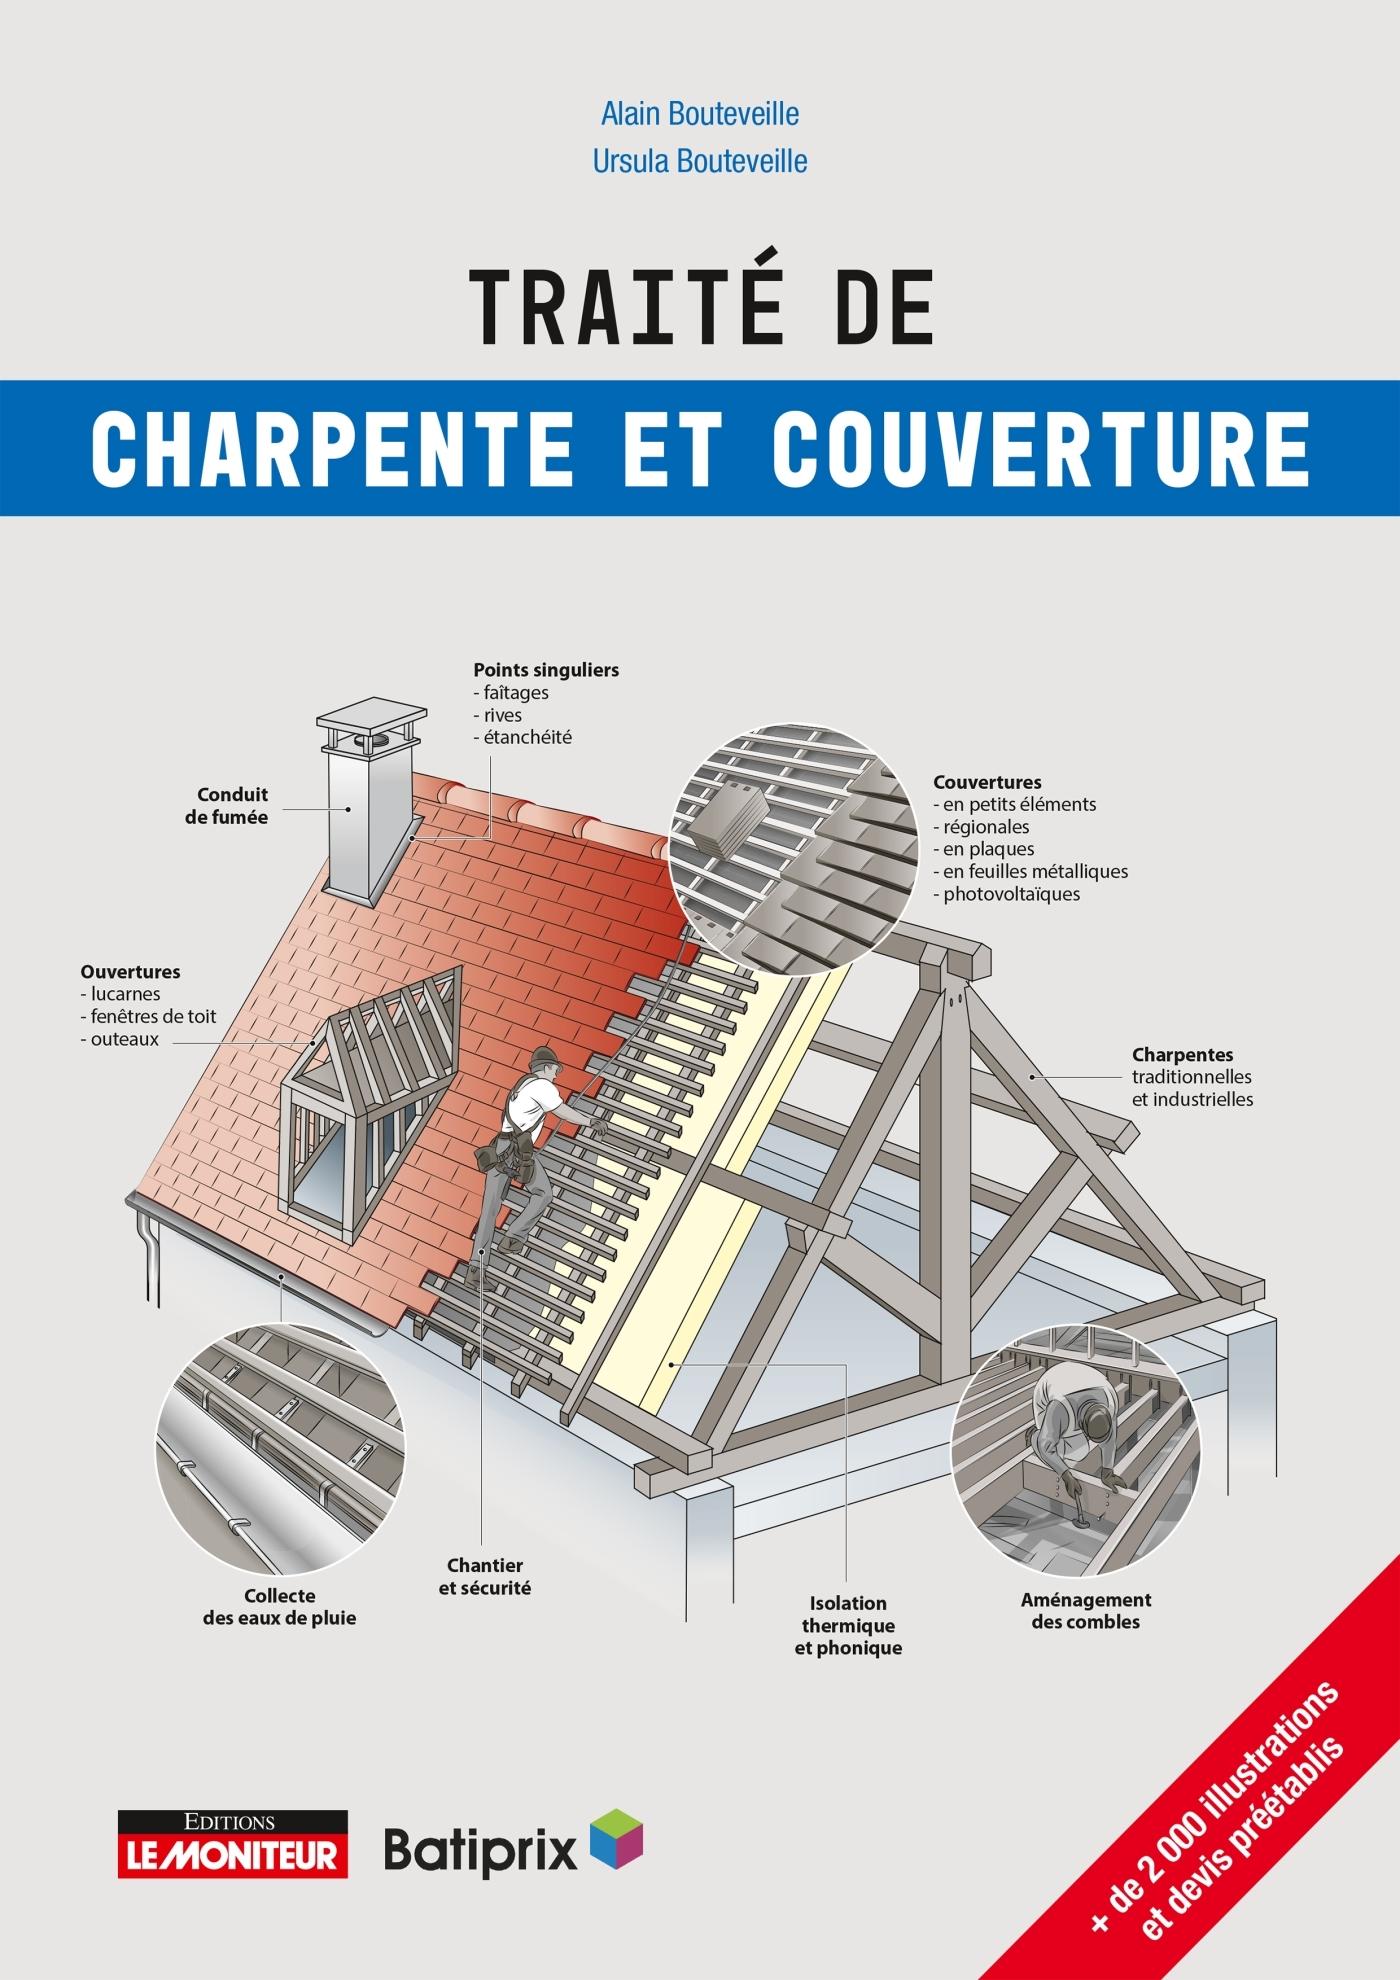 TRAITE DE CHARPENTE ET COUVERTURE